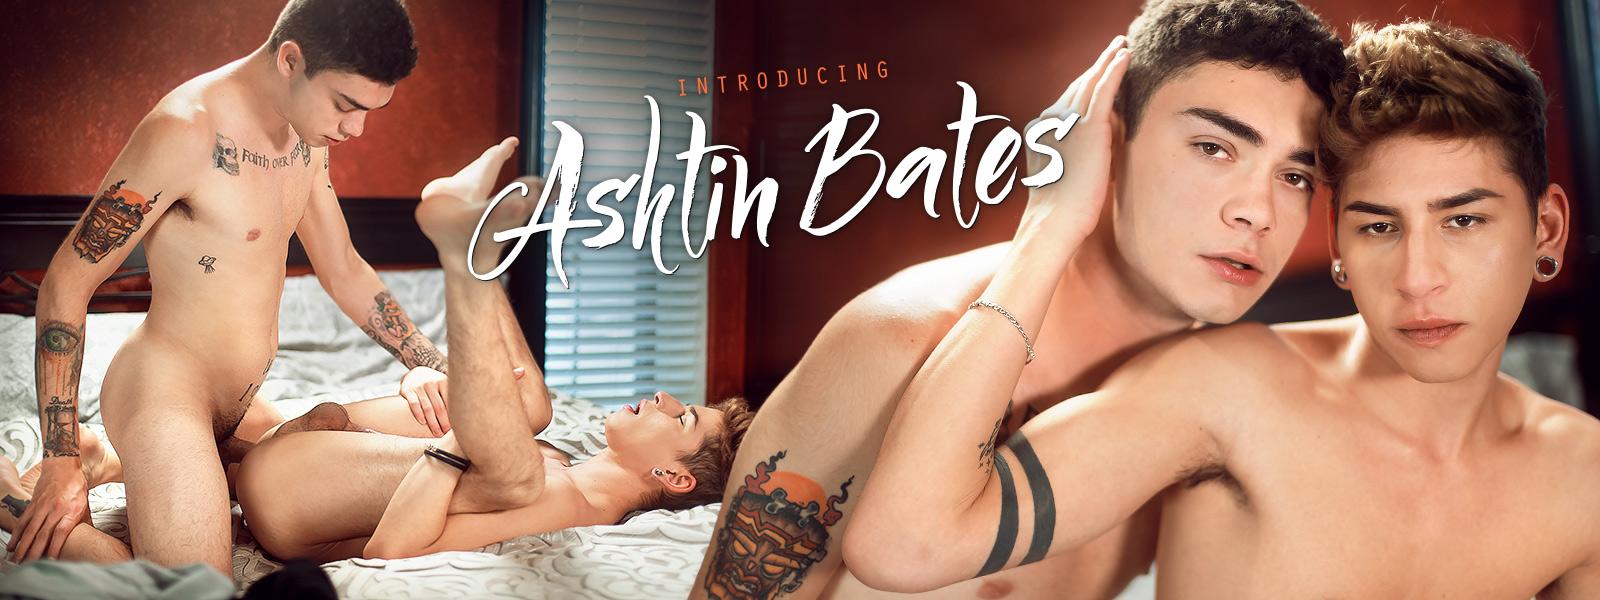 Introducing Ashtin Bates